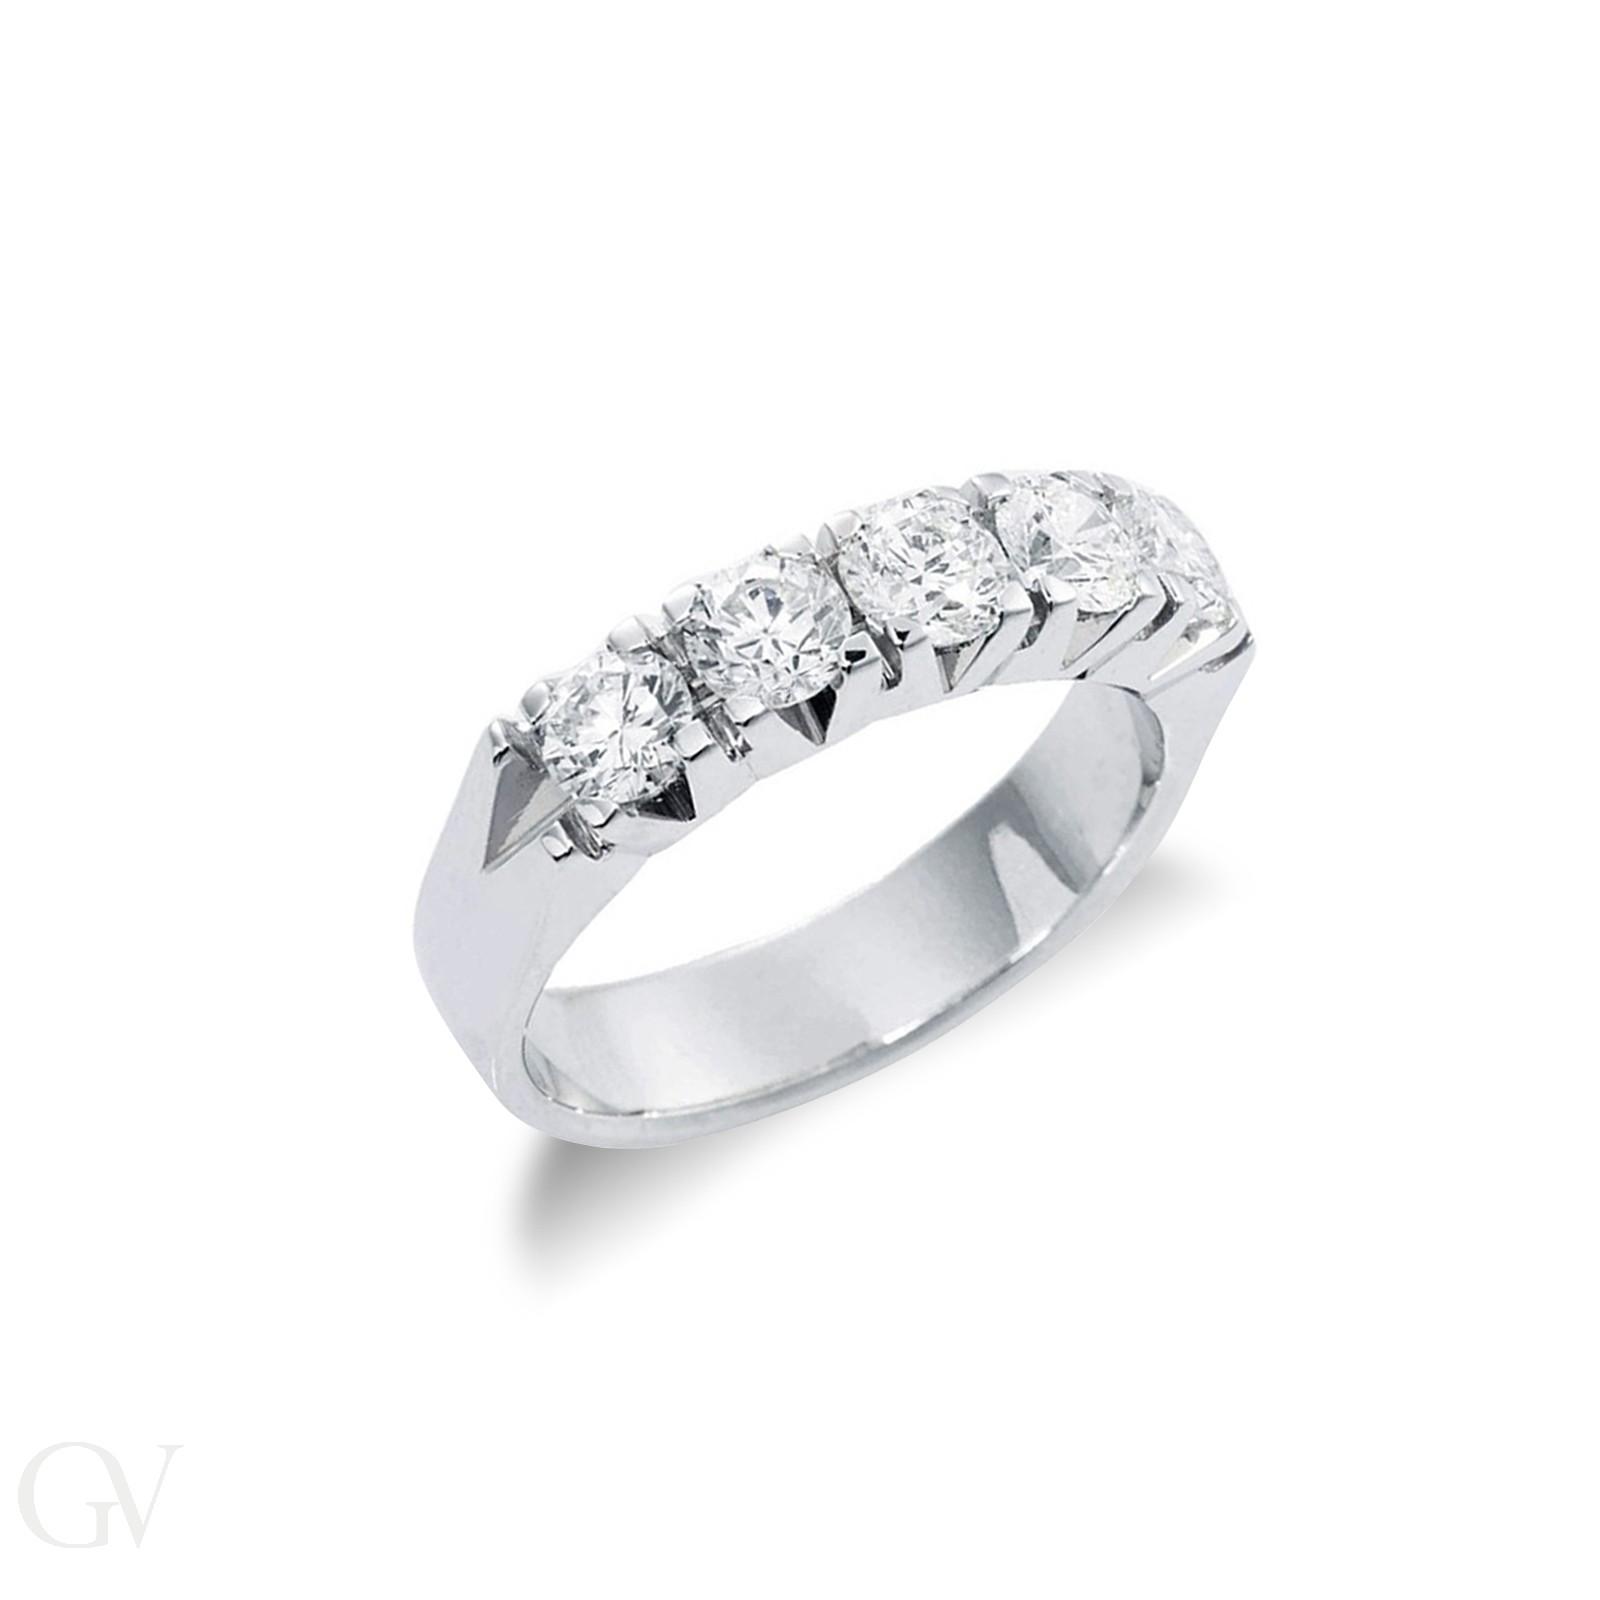 Anello Veretta in Oro bianco 18k con cinque diamanti ct. 1,25